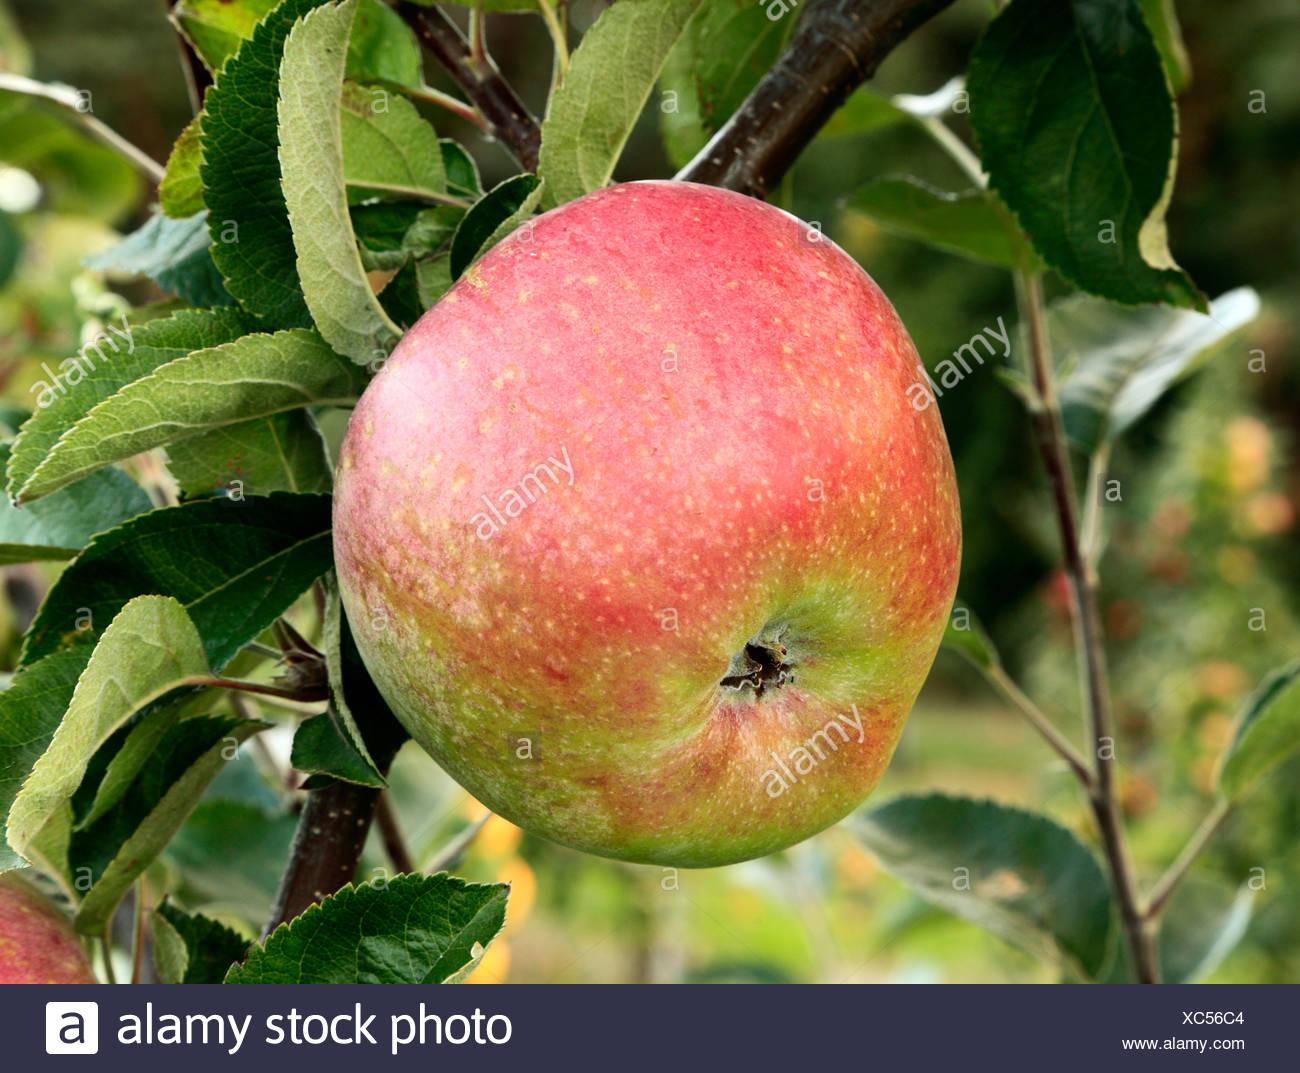 Apple 'Morley's Seedling', malus domestica, apples variety varieties growing on tree Norfolk England UK - Stock Image